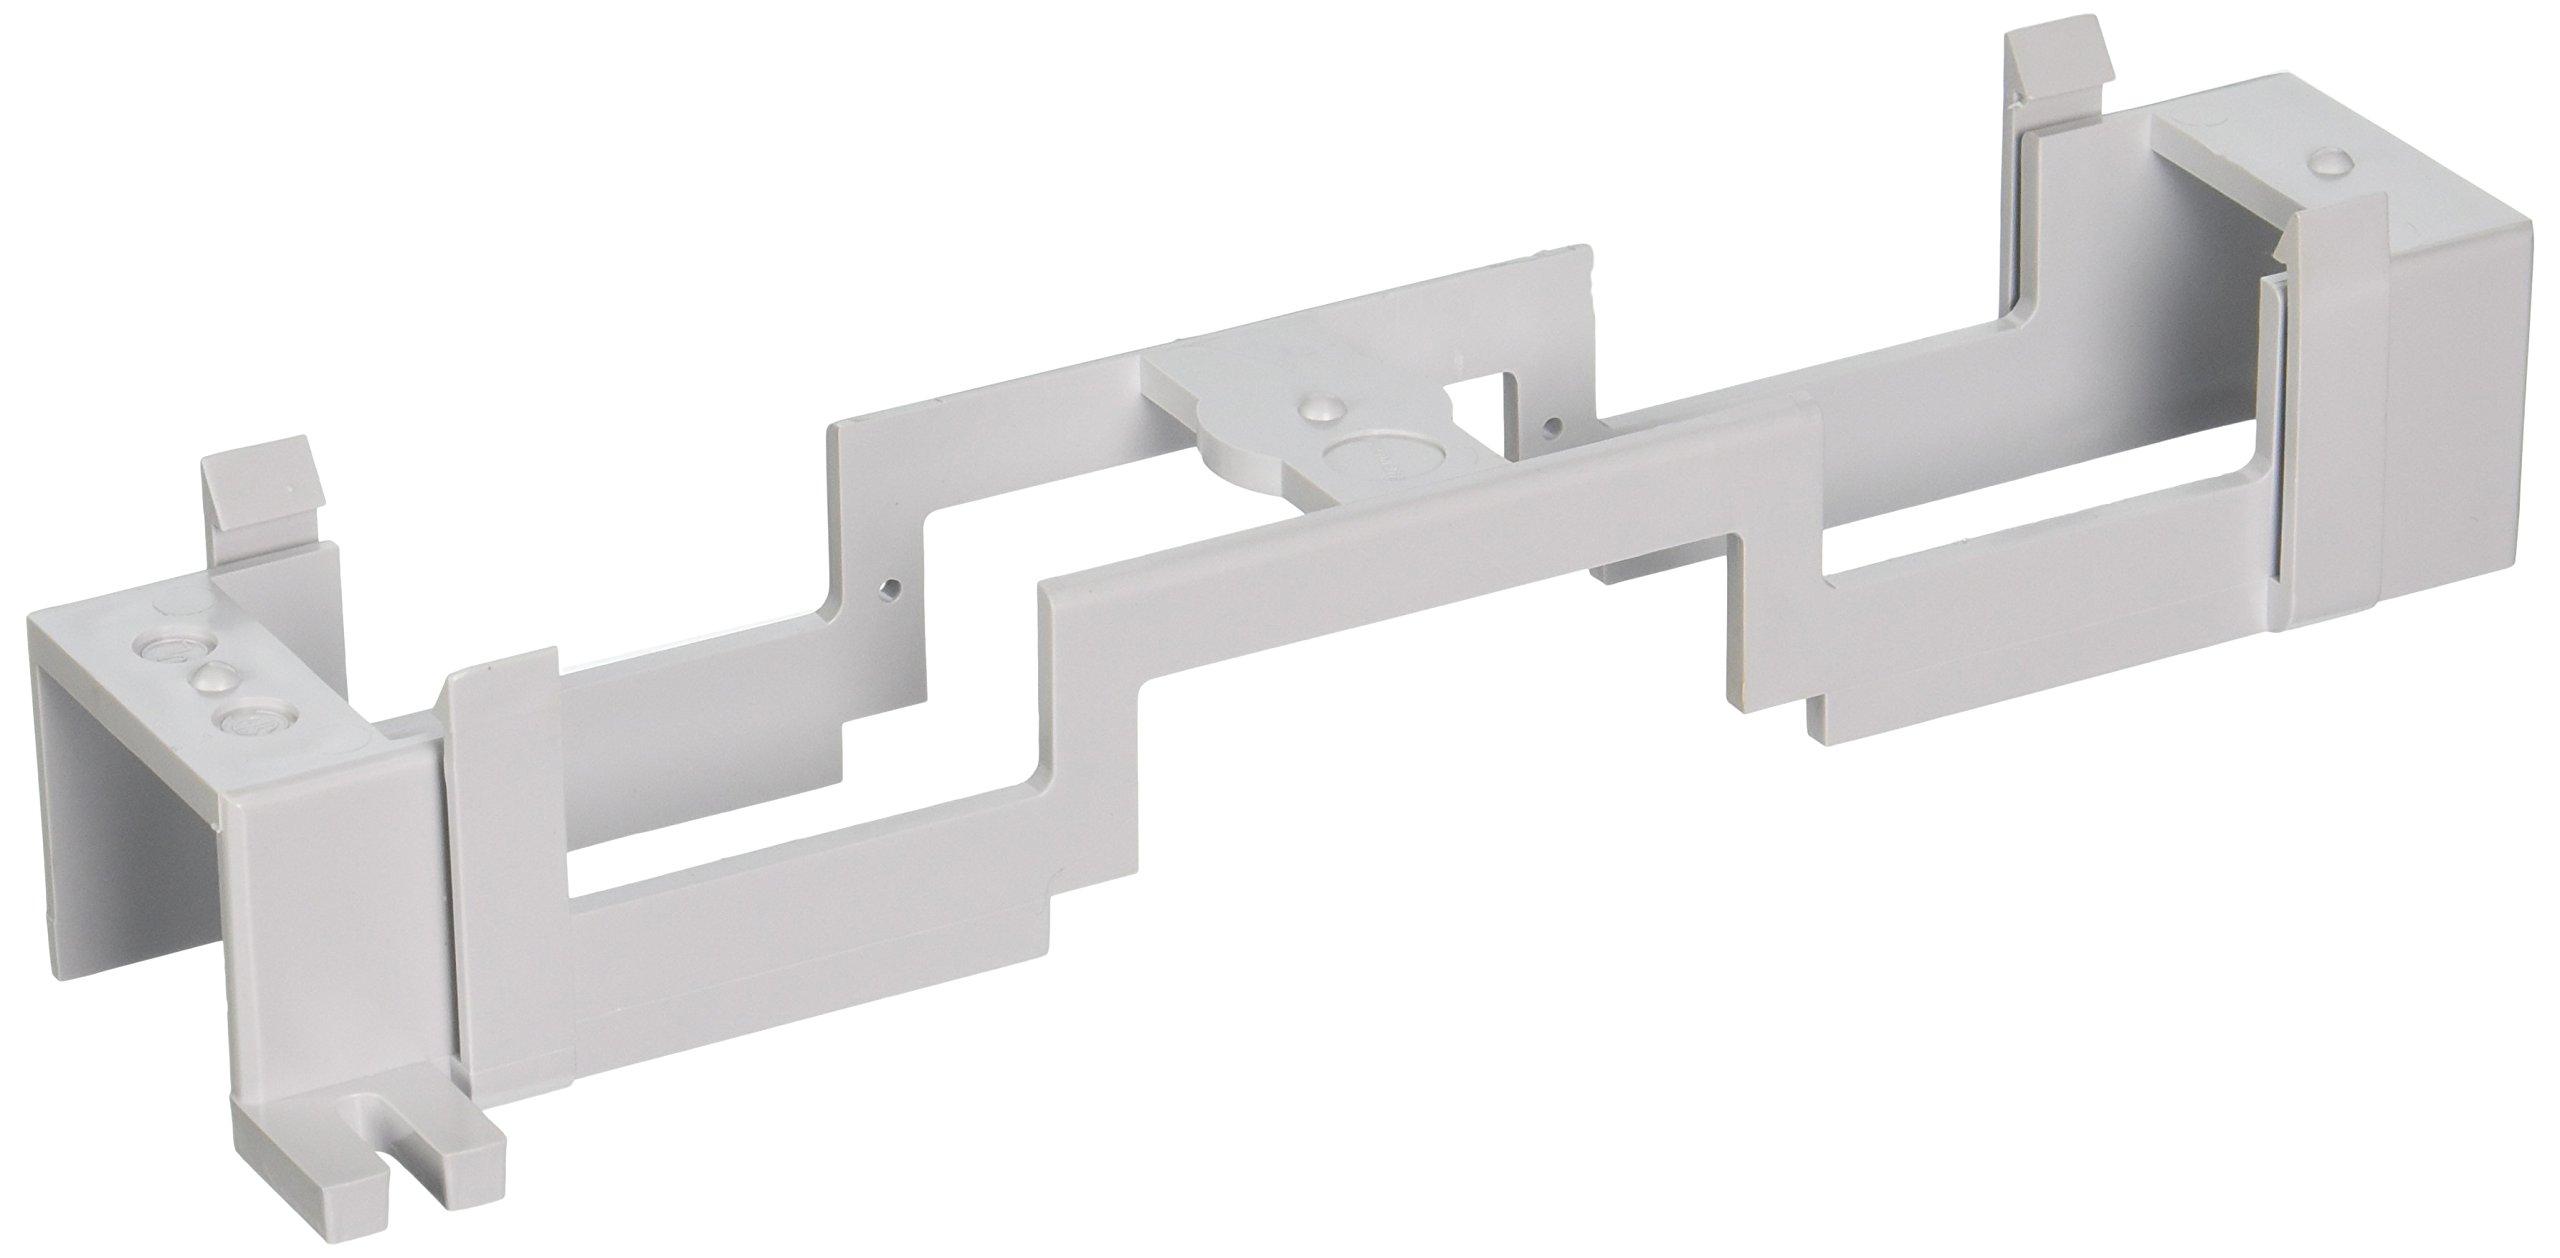 Steren 310-367 Mounting Bracket for 66-Type Block